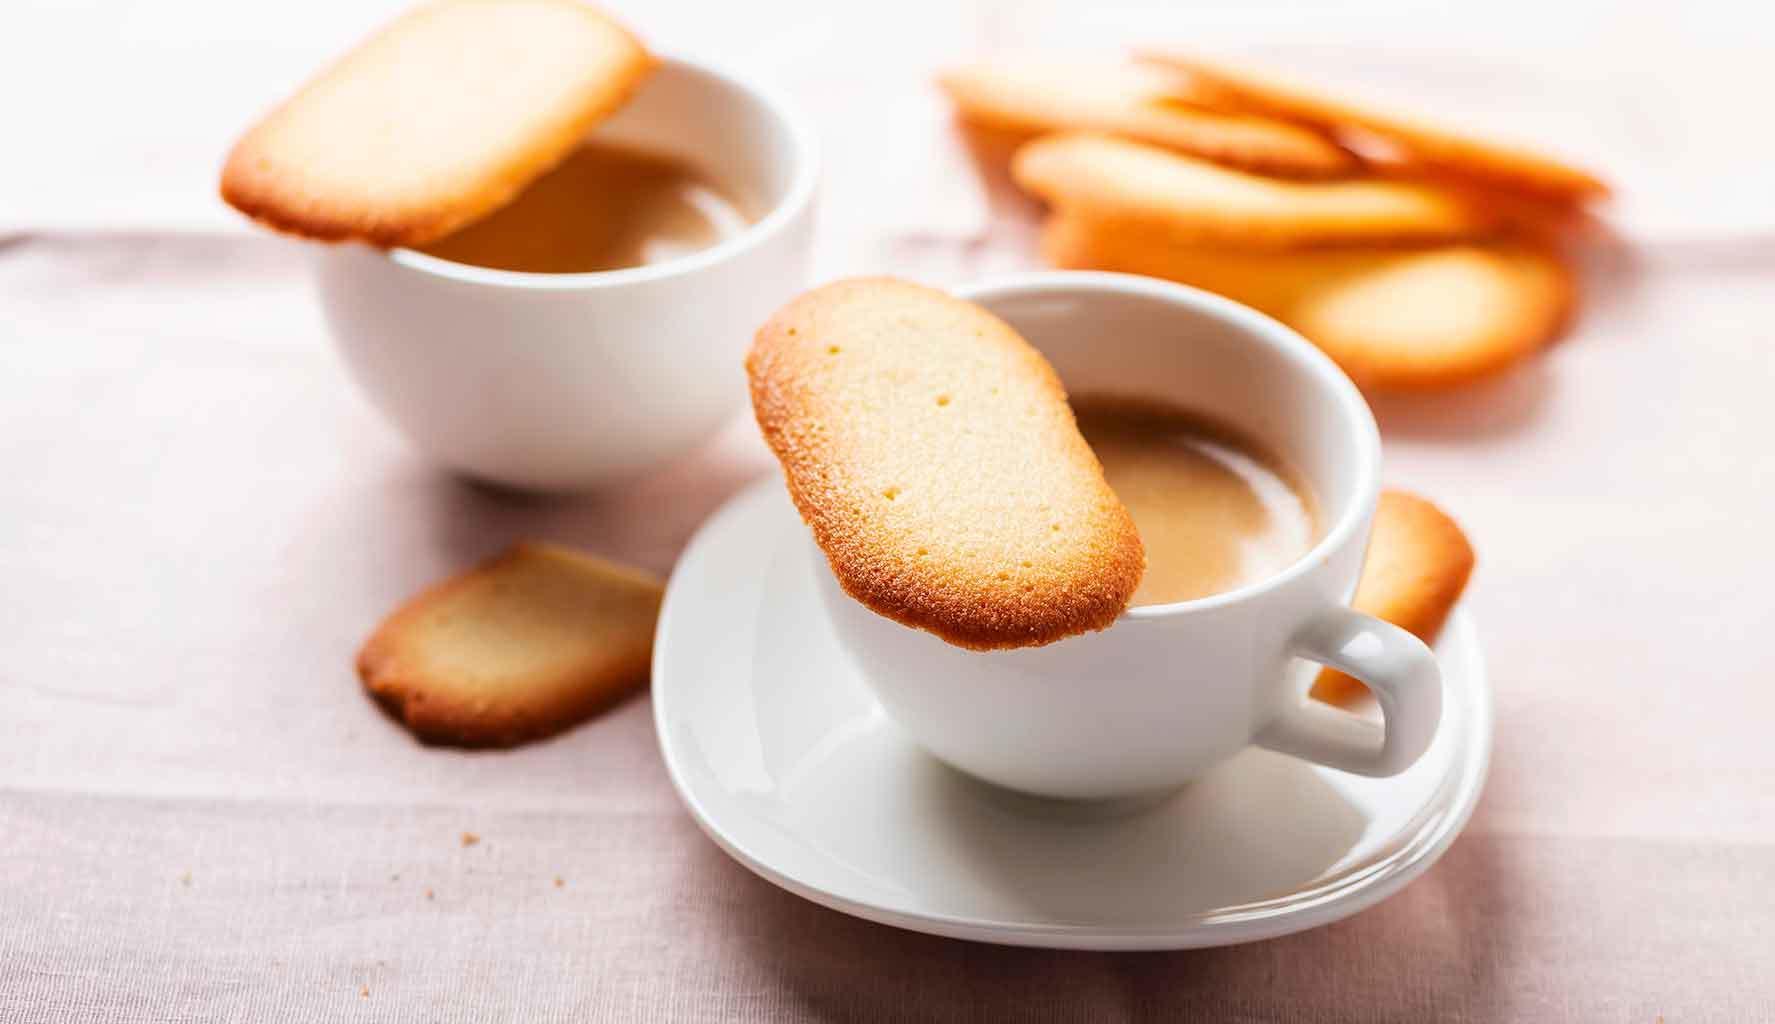 Ricetta Lingue Di Gatto.Ricetta Biscotti Lingue Di Gatto Ricette Kenwood Club